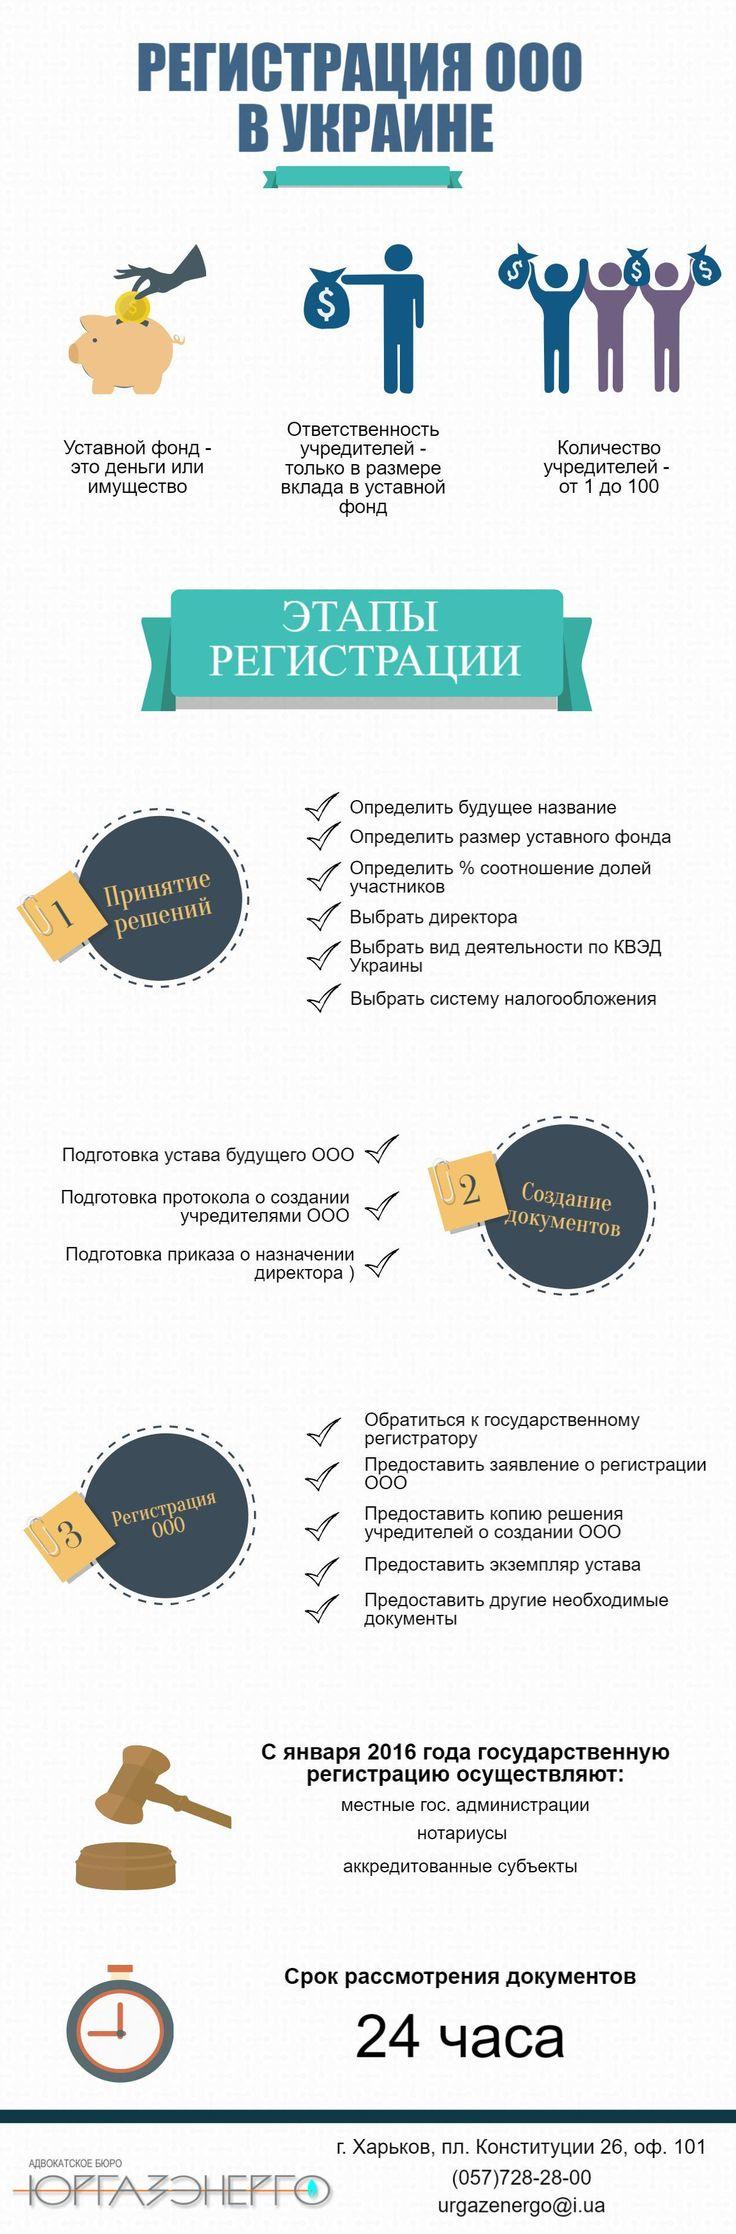 Регистрация ООО в Украине. Преимущества и порядок действий